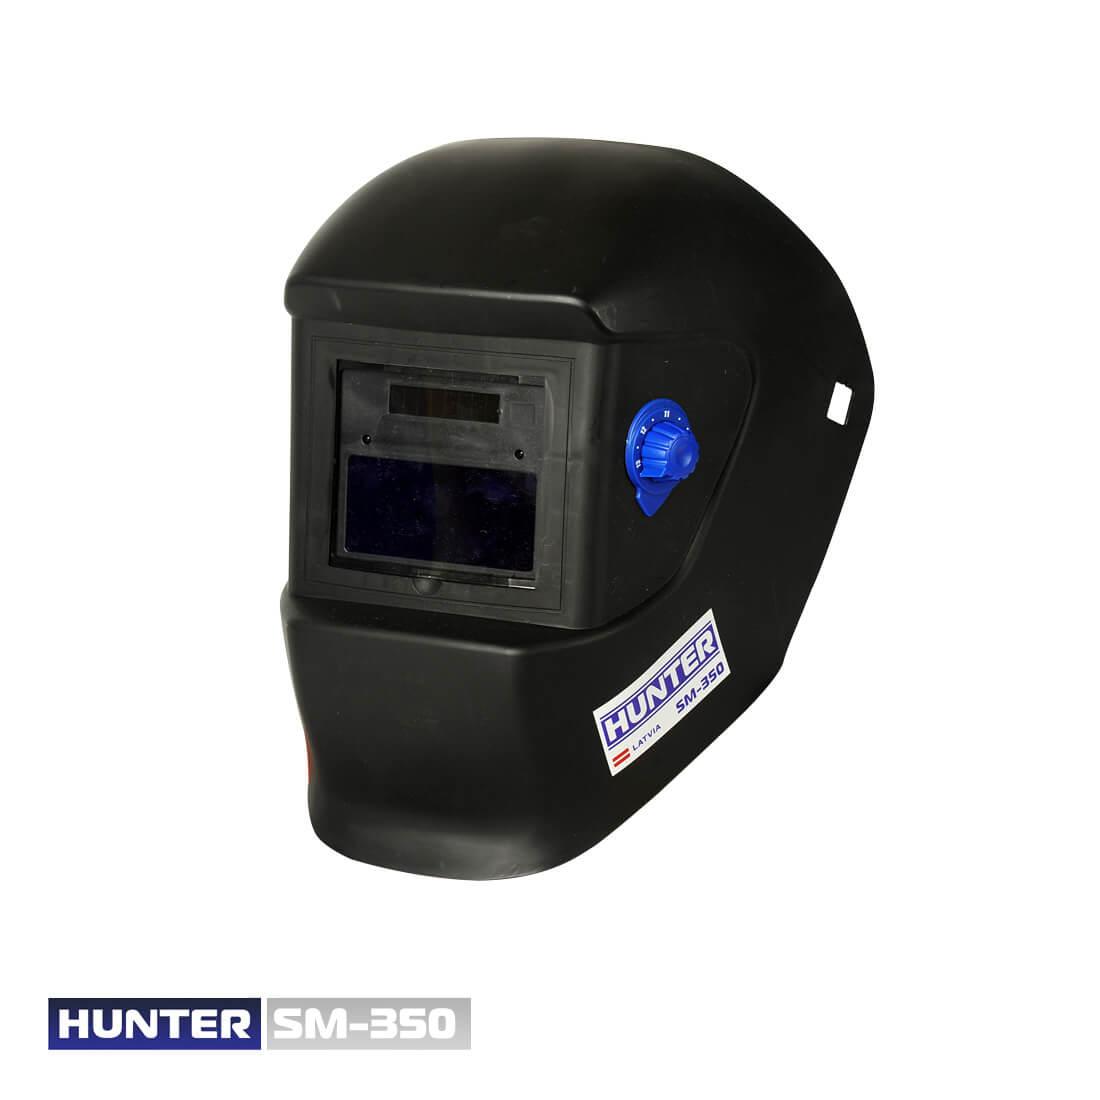 Фото SM-350 цена 450грн №1 — Hunter